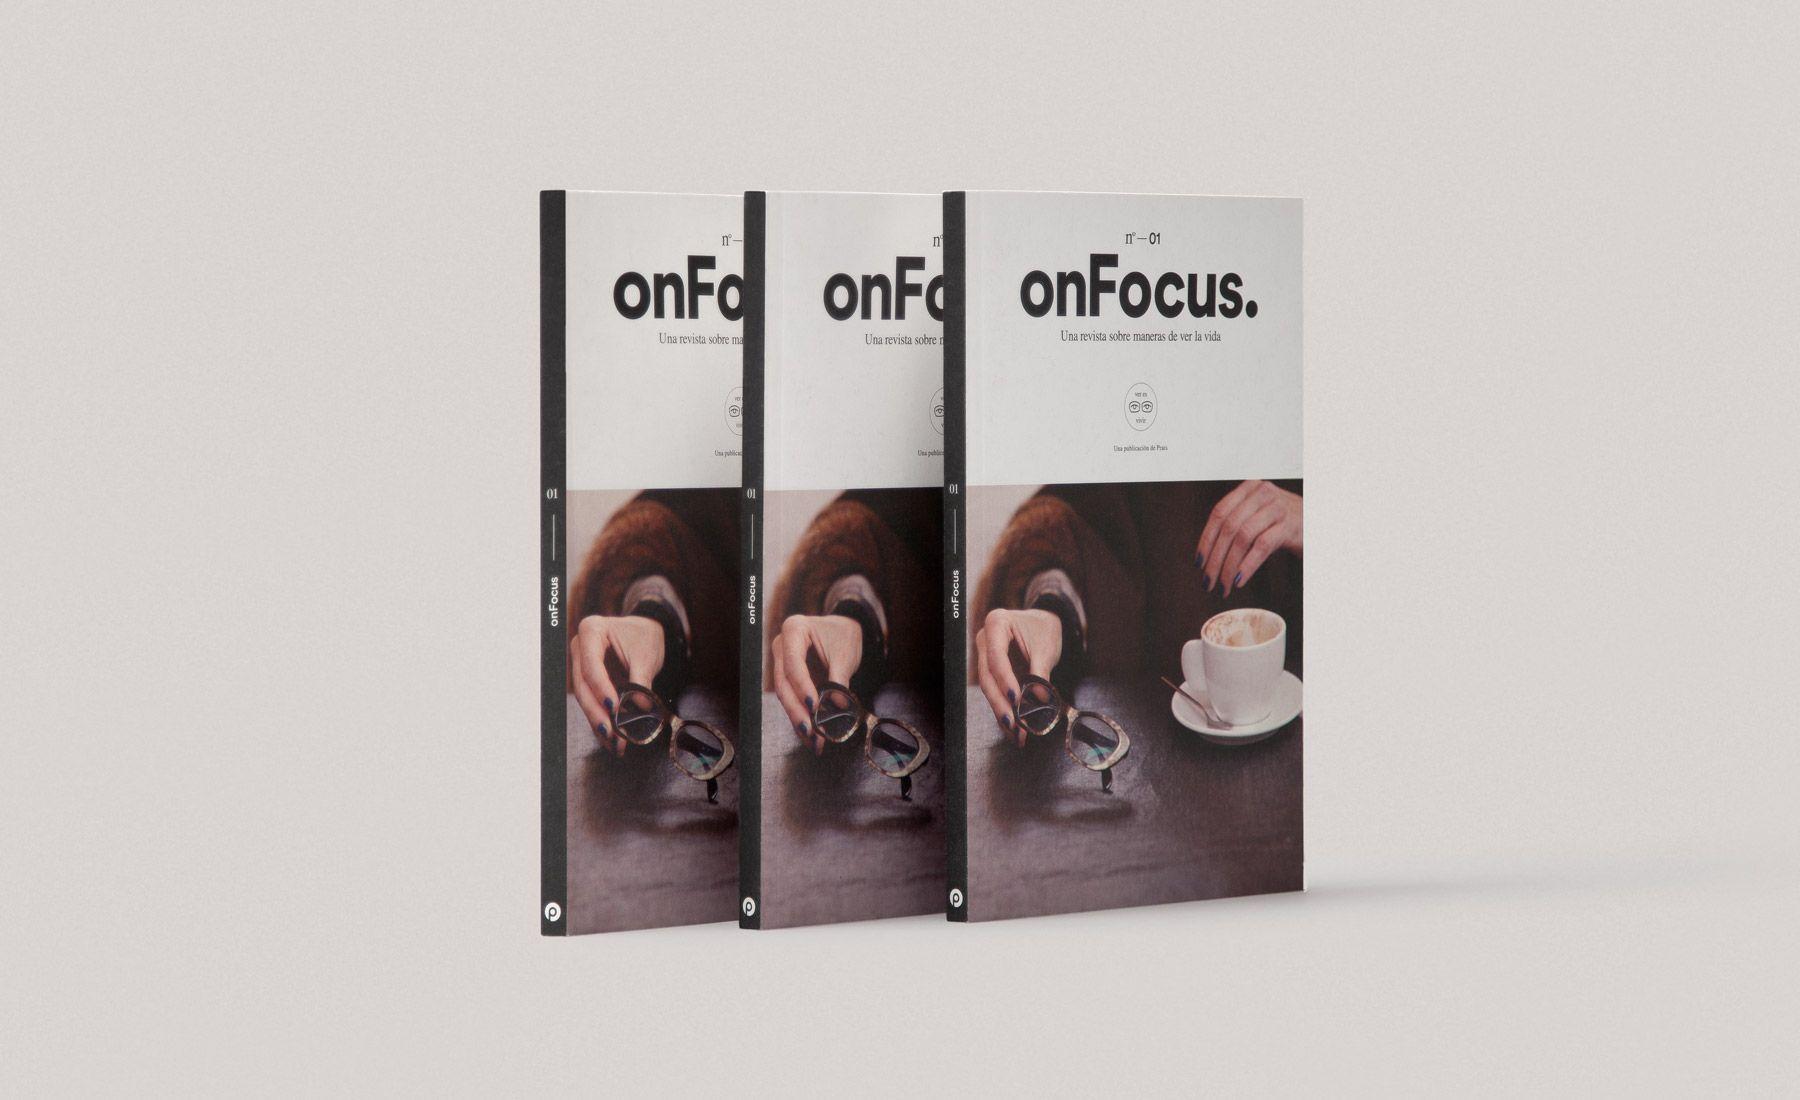 onfocus-querida-2